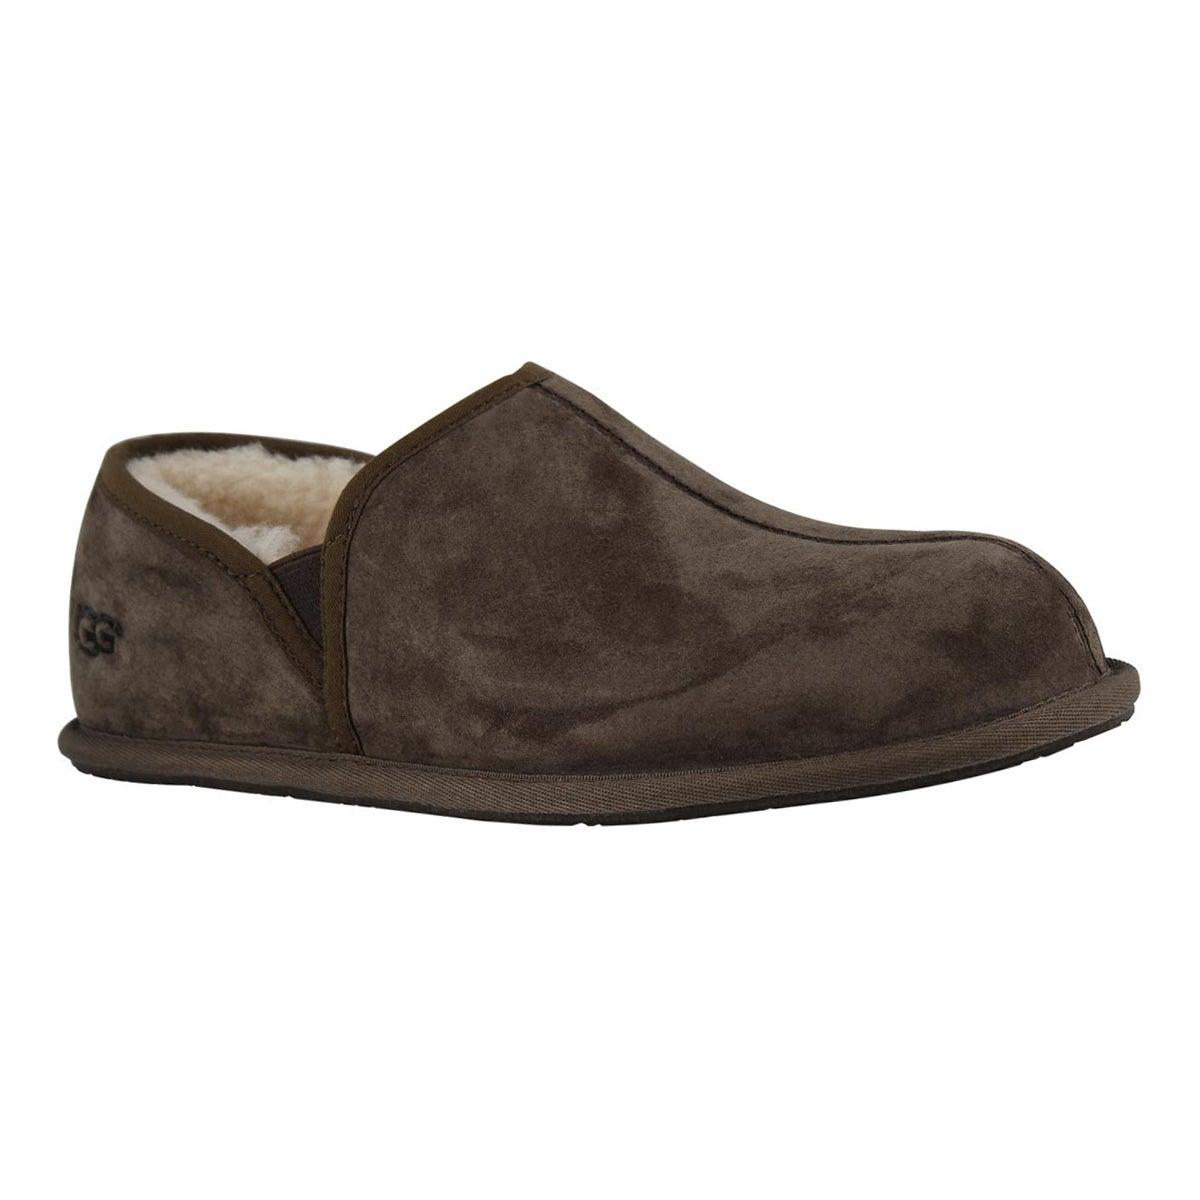 Mns Scuff Romeo II esp sheepskin slipper